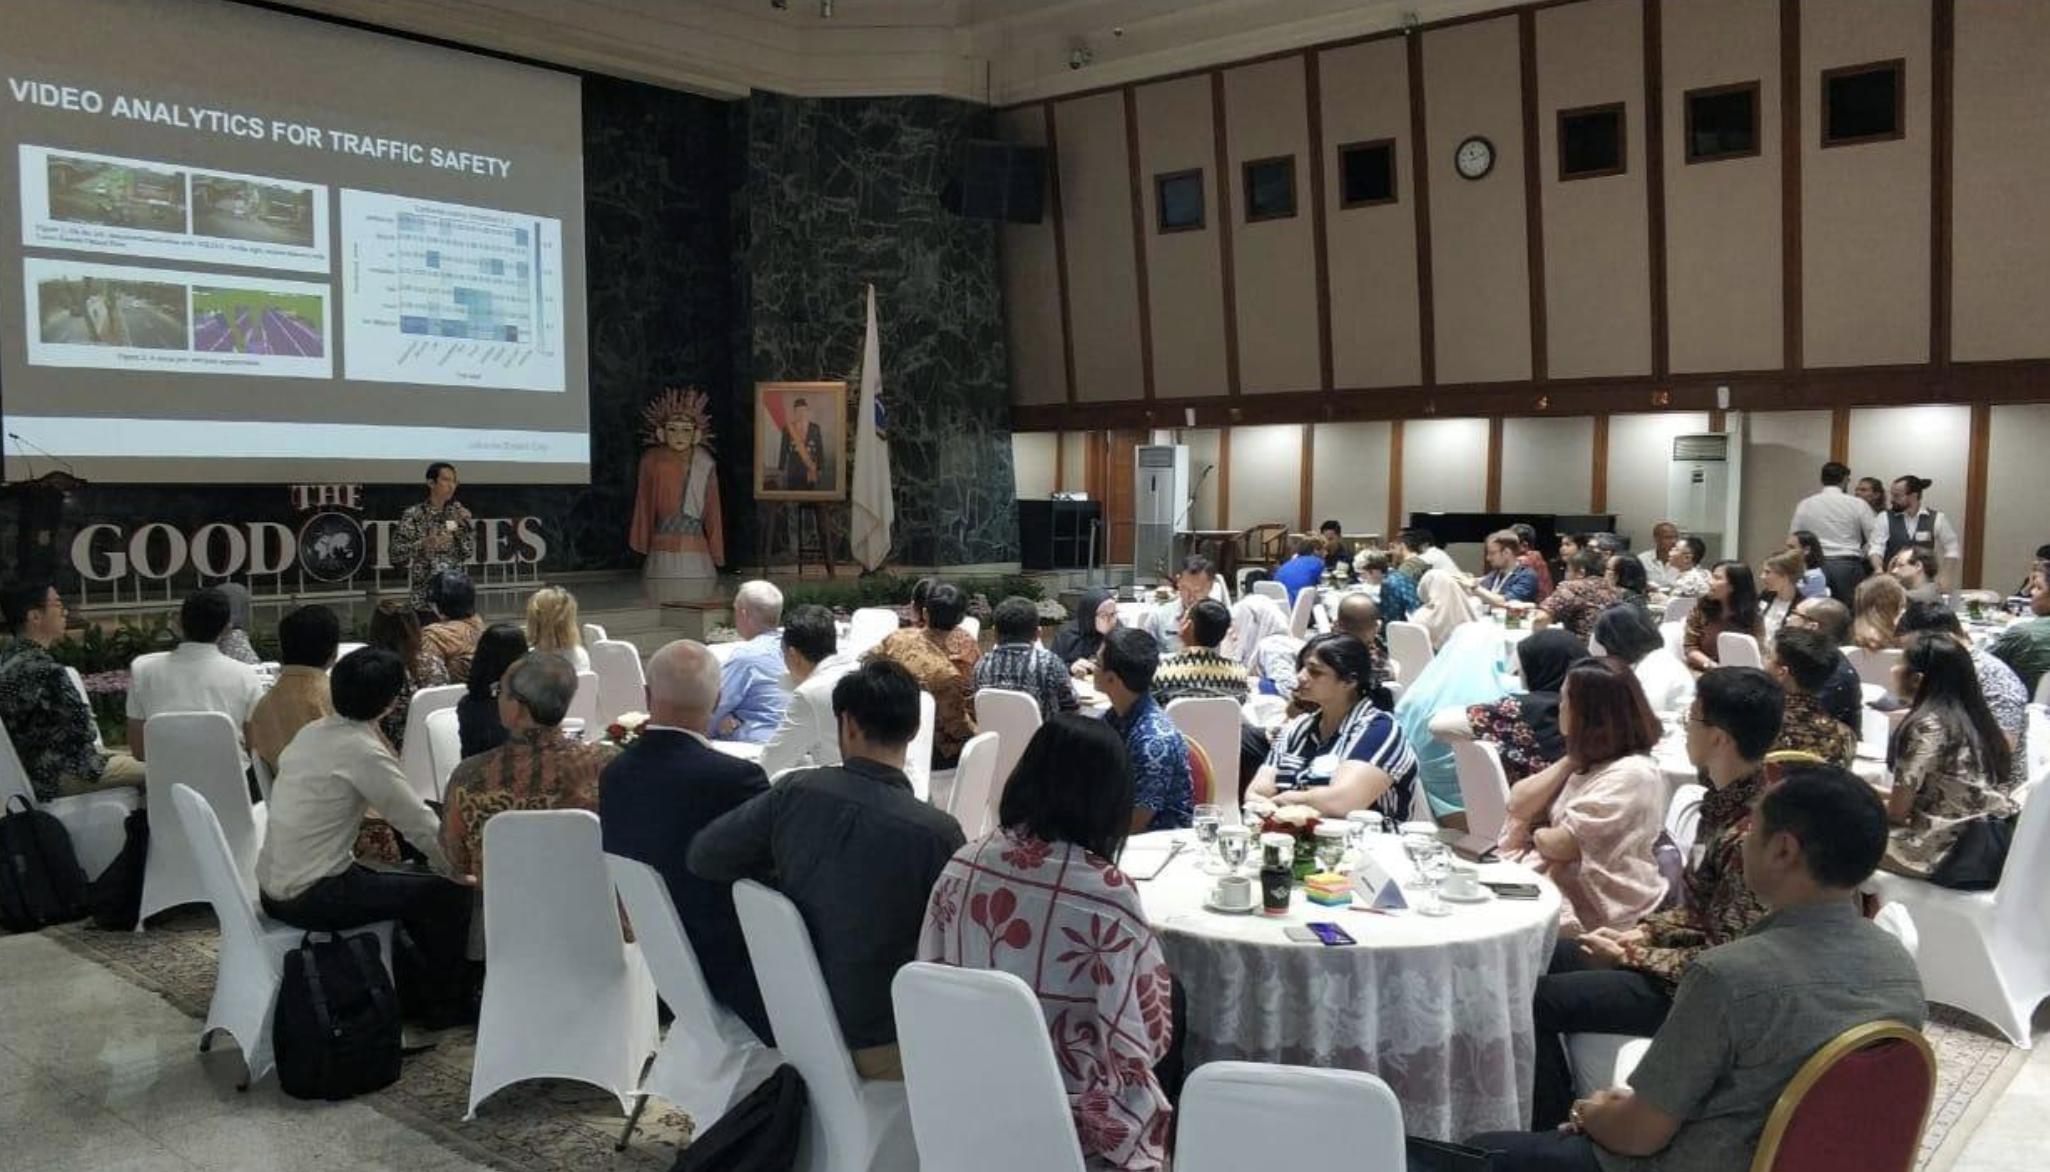 Saya berharap banyak terhadap ide-ide inovatif dan kolaboratif di kota Jakarta. Ini adalah salah satu acara kerjasama antara kota Jakarta dan Berlin dalam mempertemukan pemerintah, inovator start-up dan perwakilan masyarakat untuk sama-sama memikirkan solusi integratif